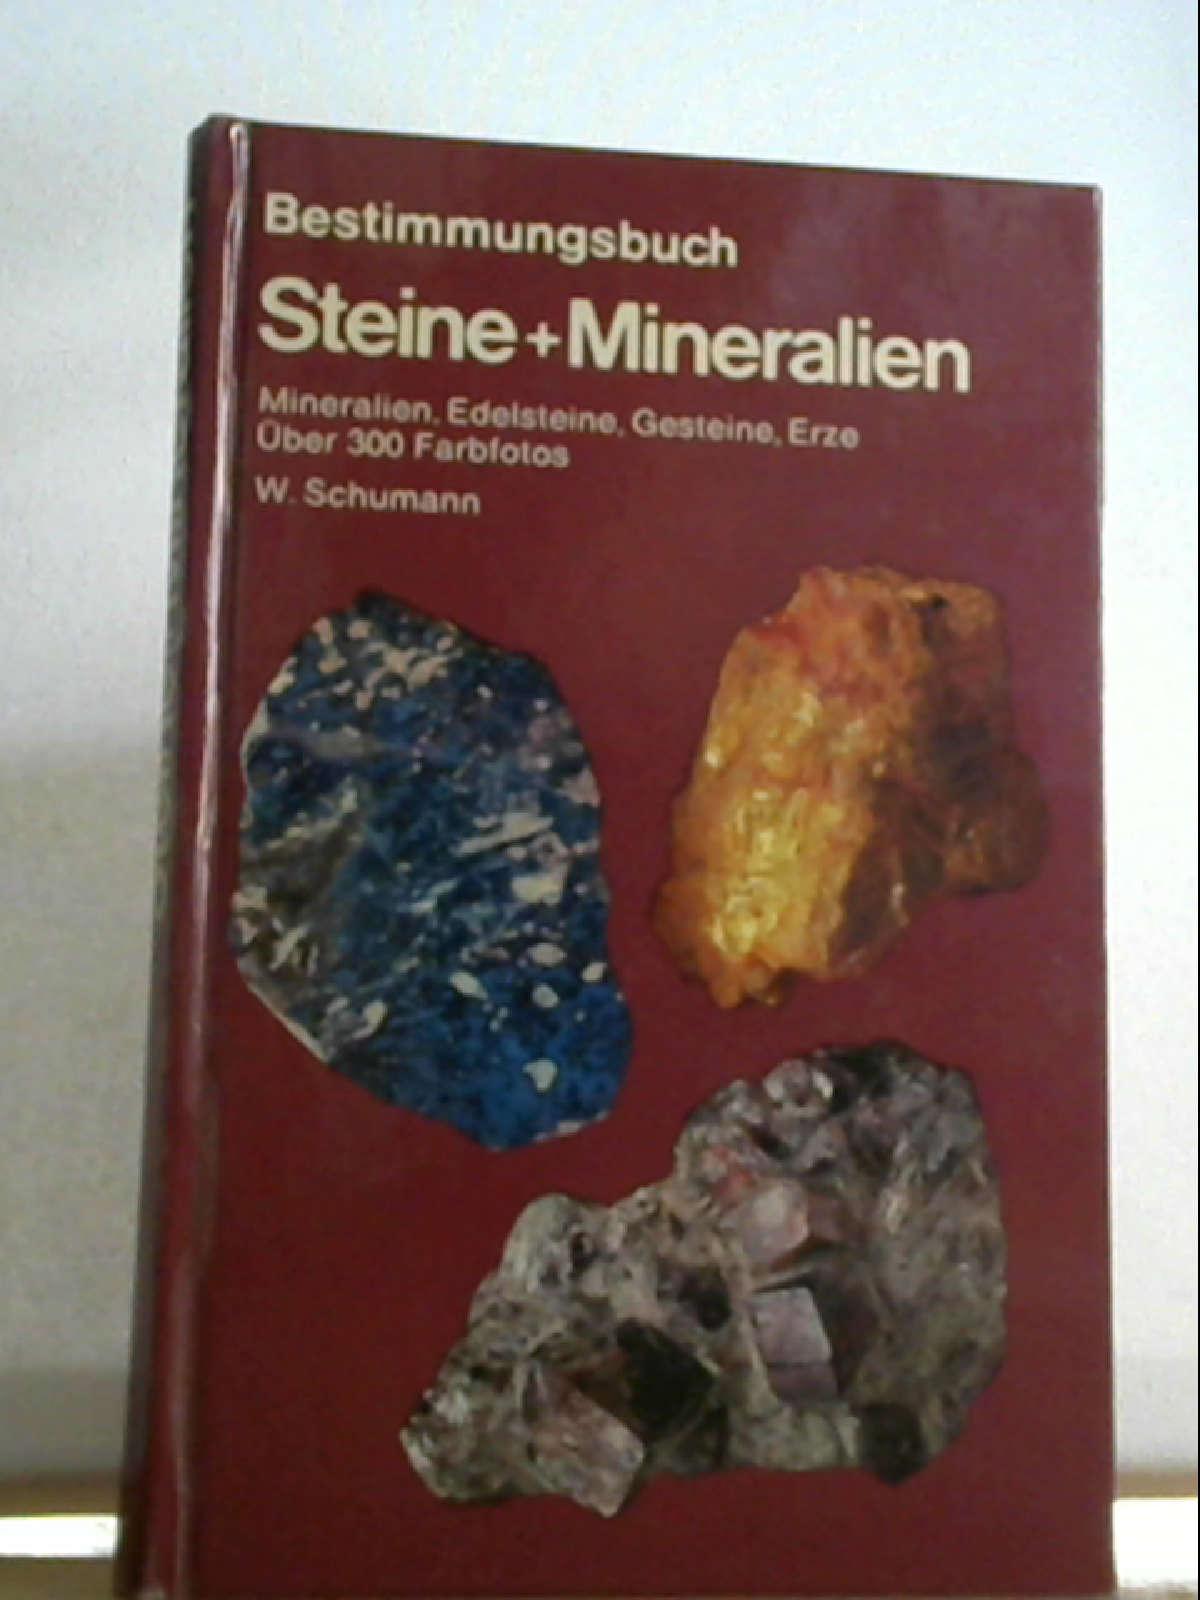 BLV Bestimmungsbuch Steine + Mineralien: Schumann, Walter: